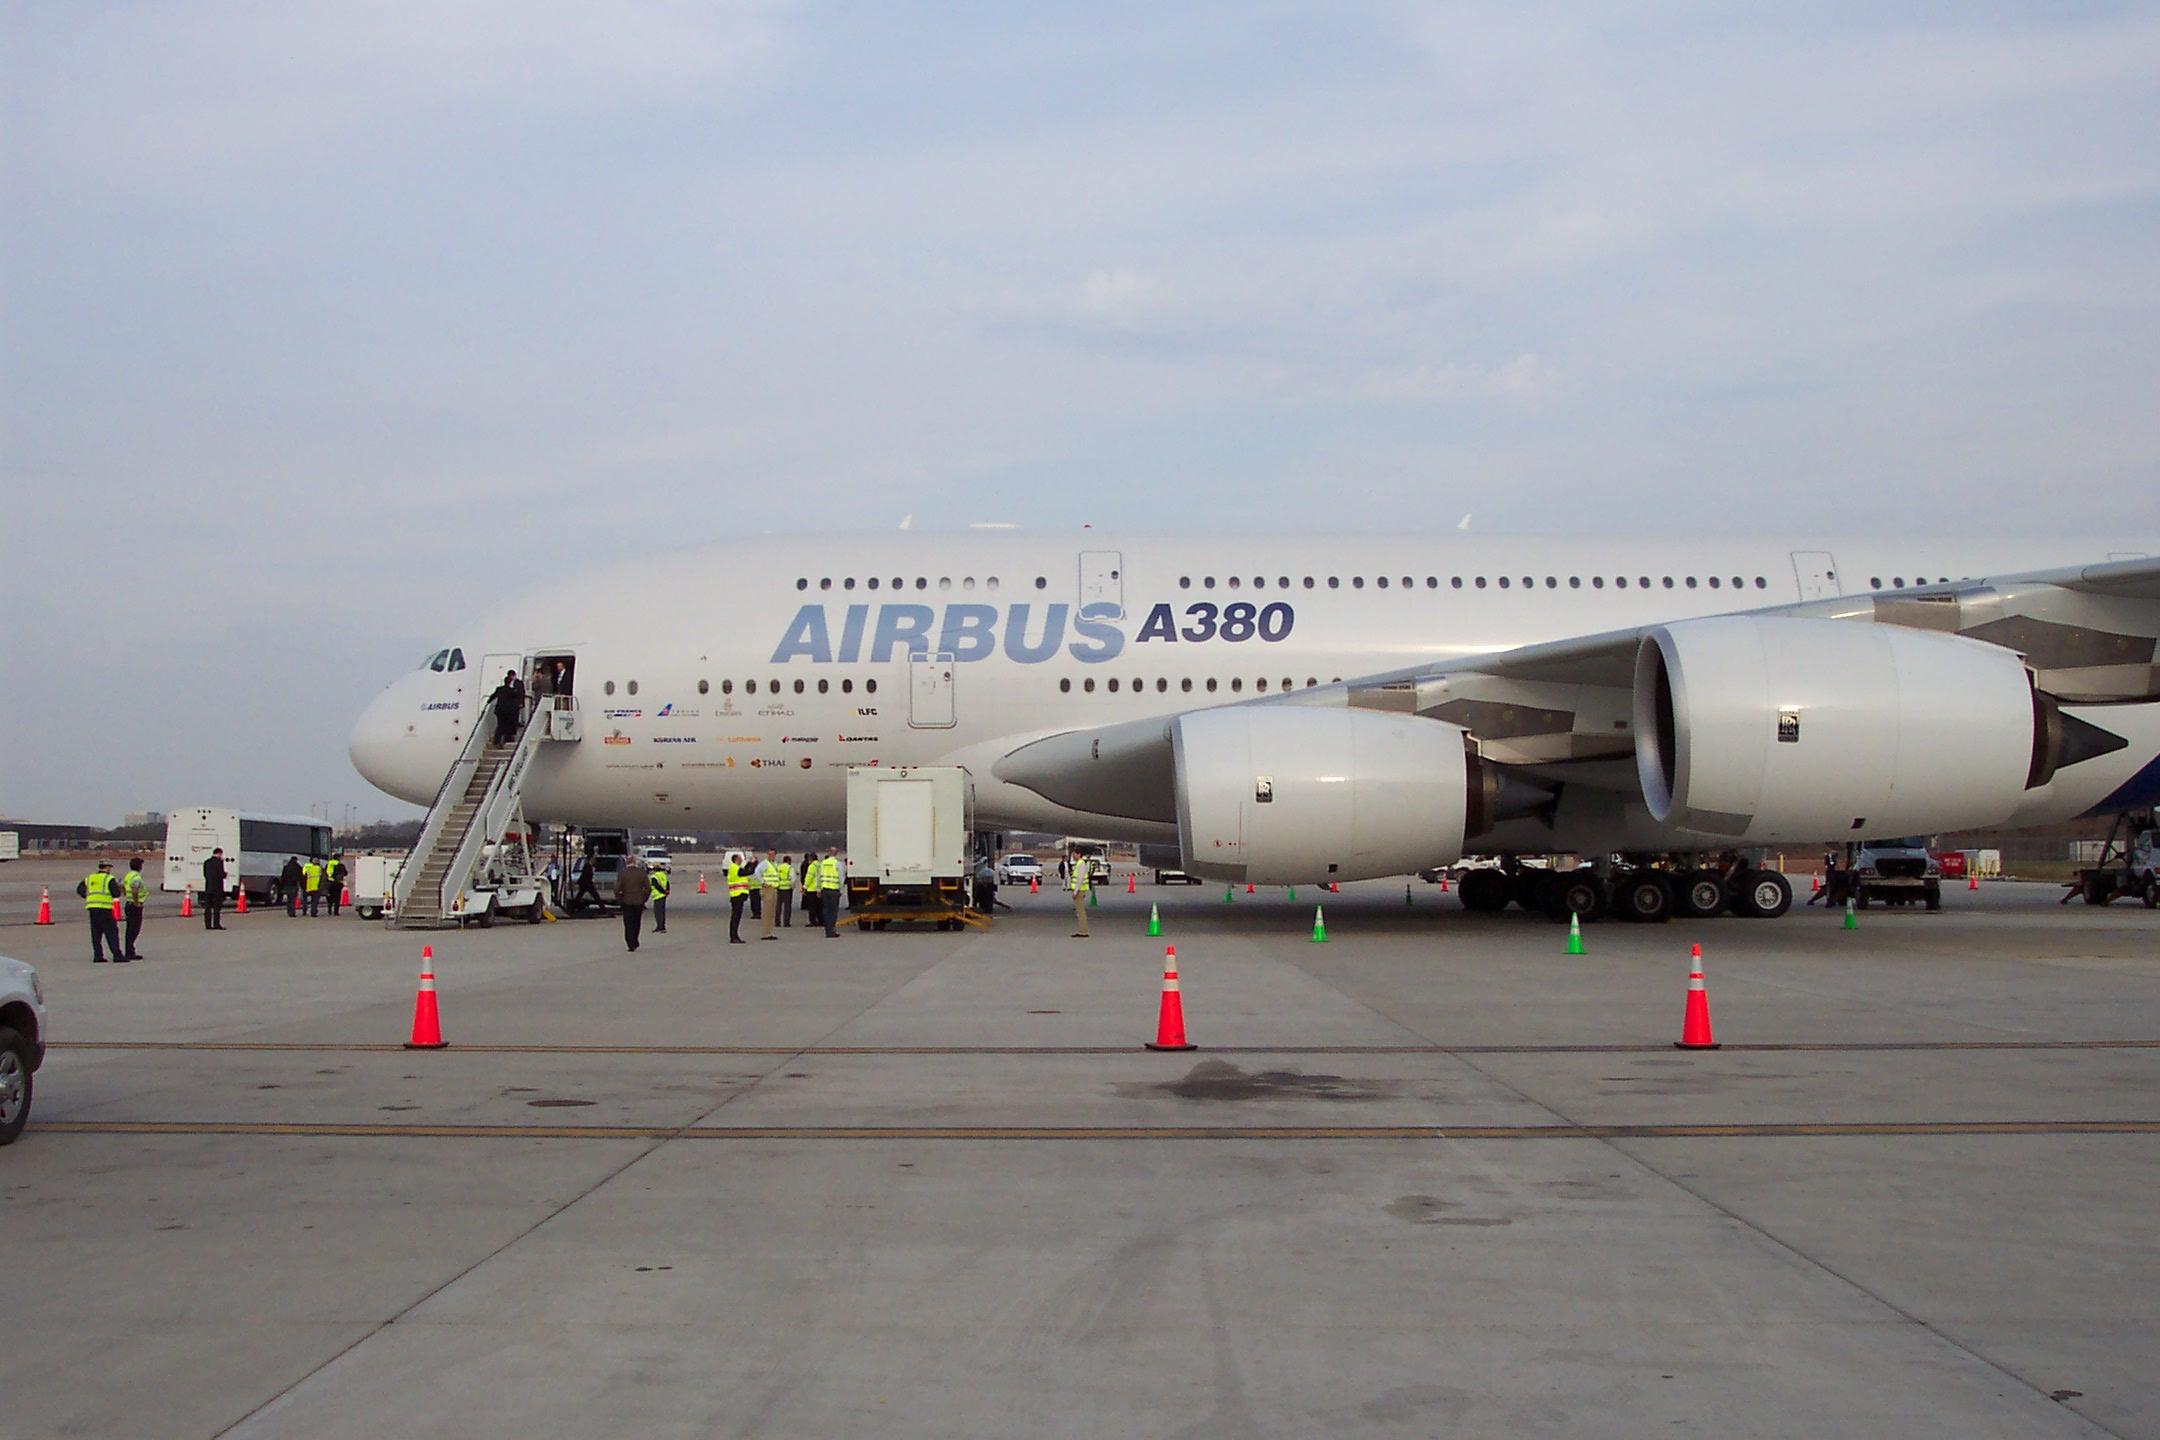 http://www-personal.umich.edu/~cortneyr/A380/A380_01.jpg